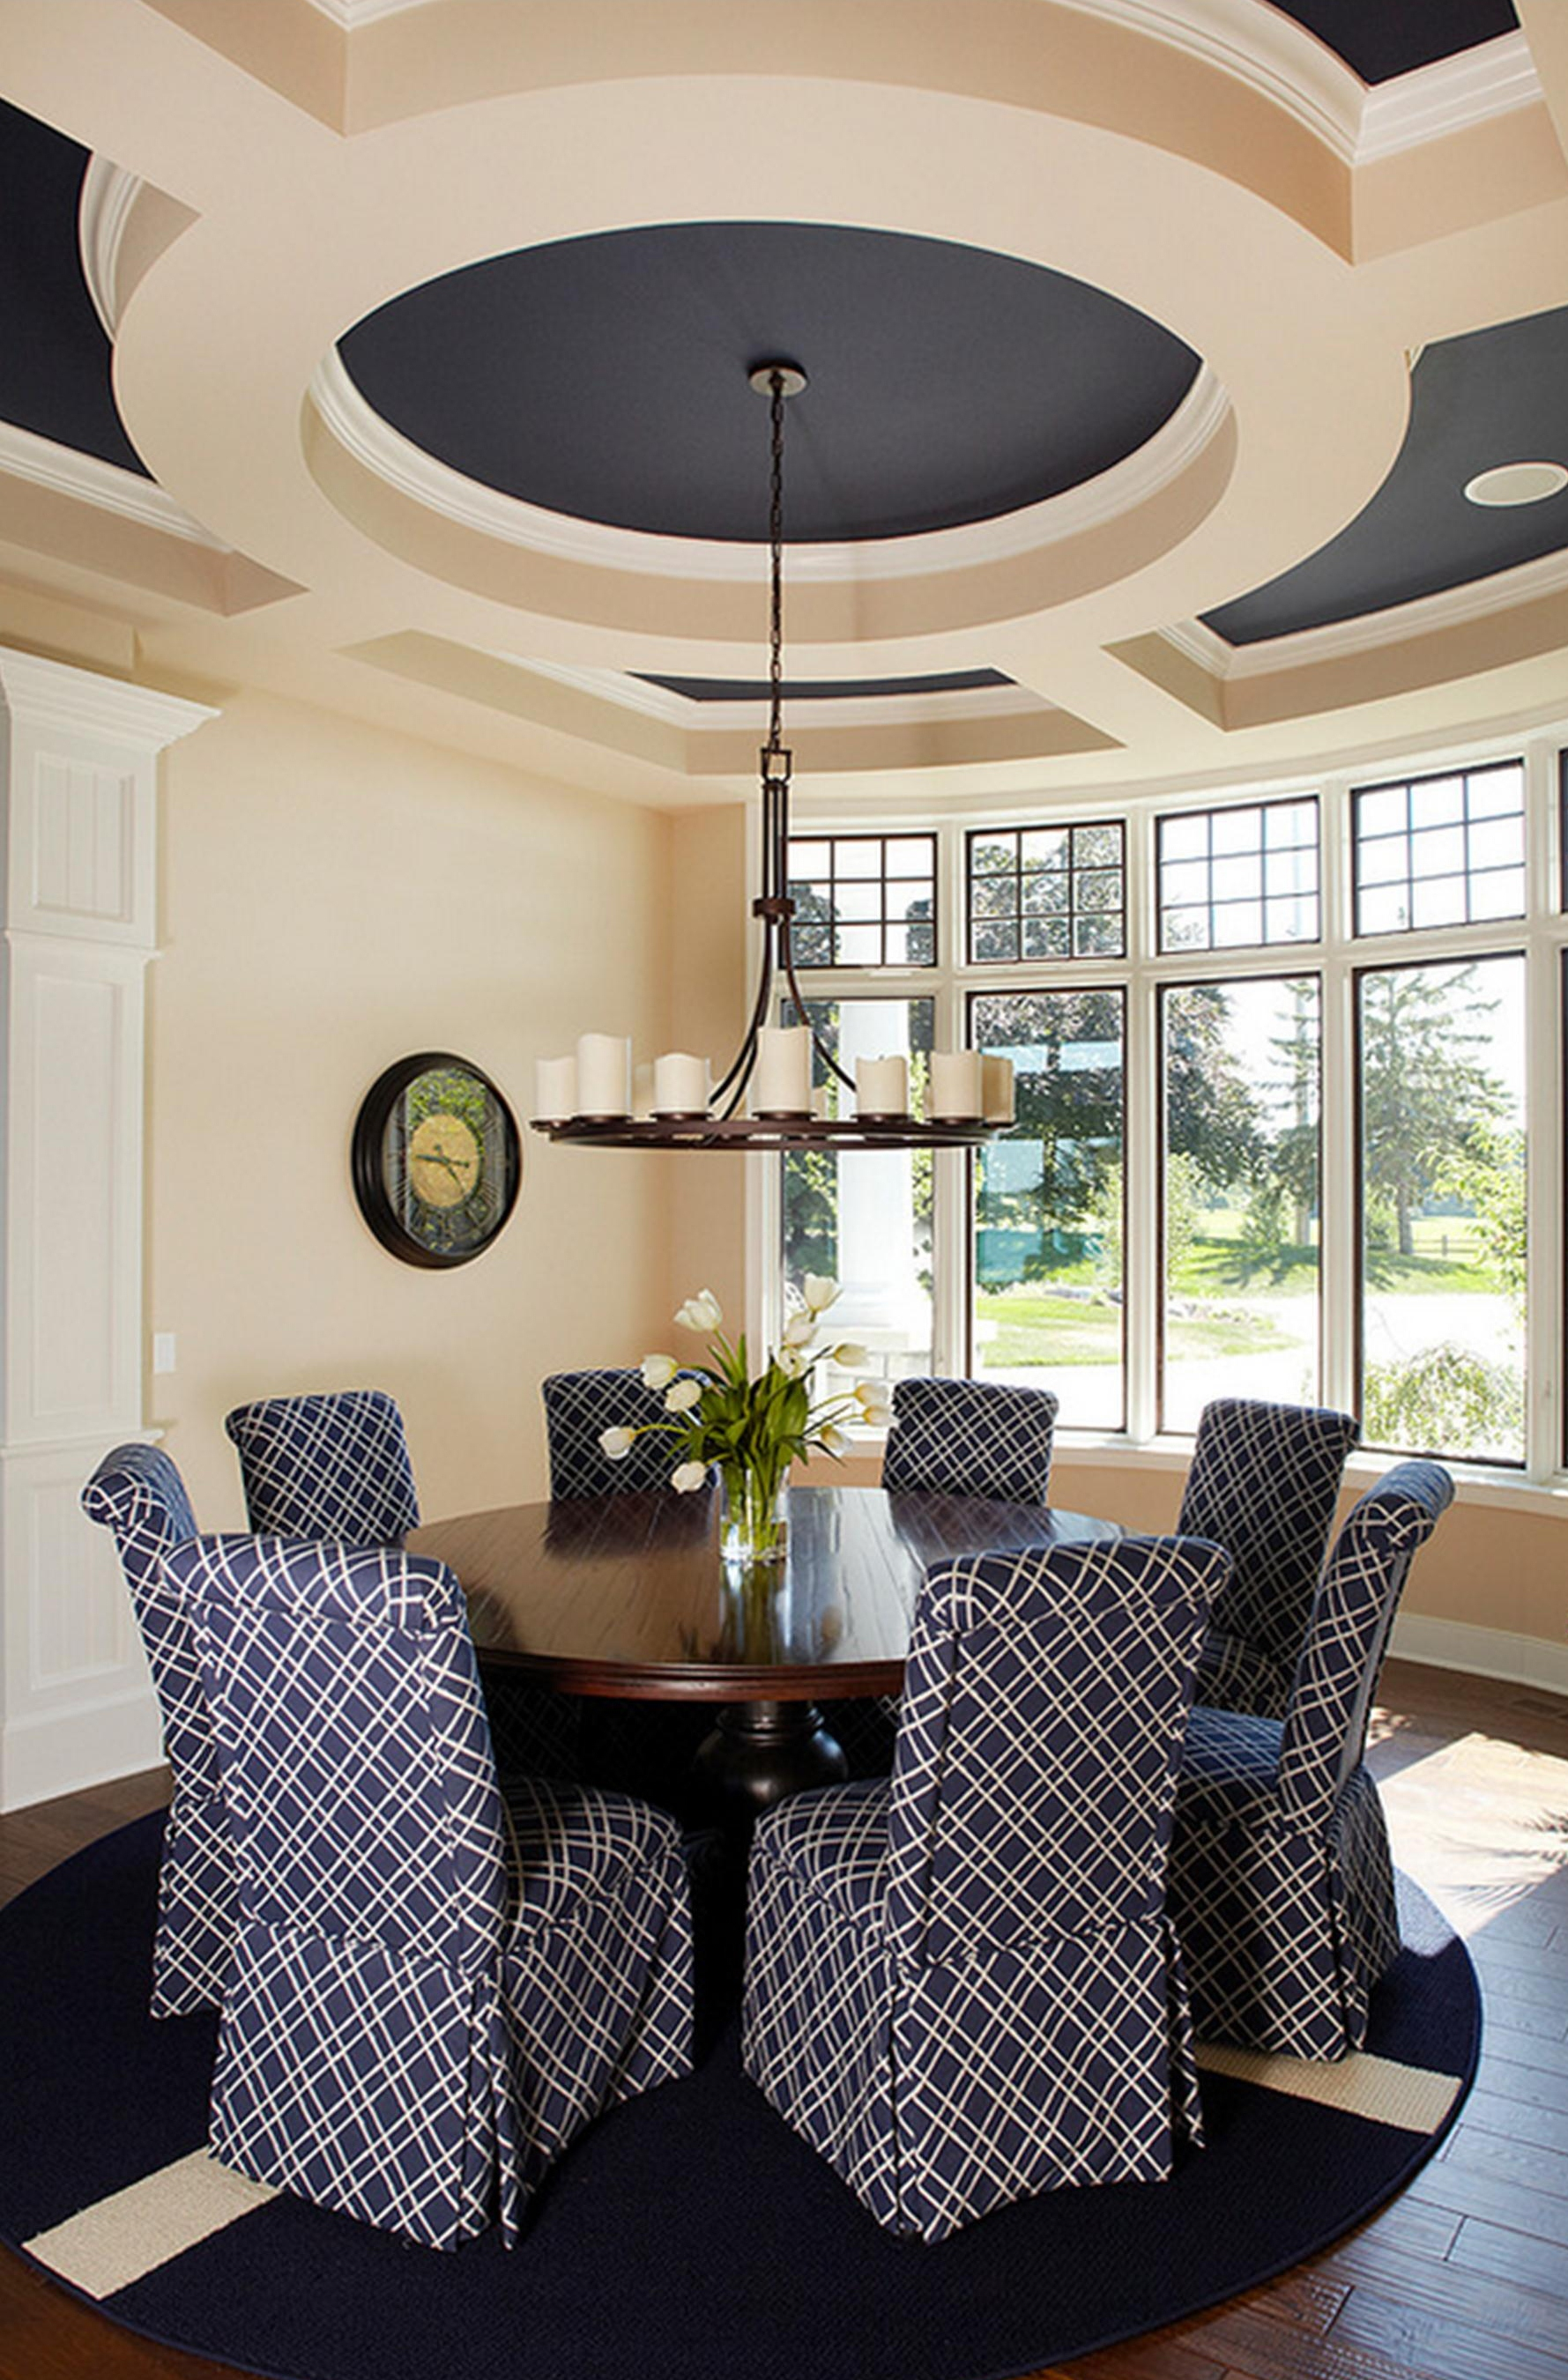 Круглый потолок в столовой